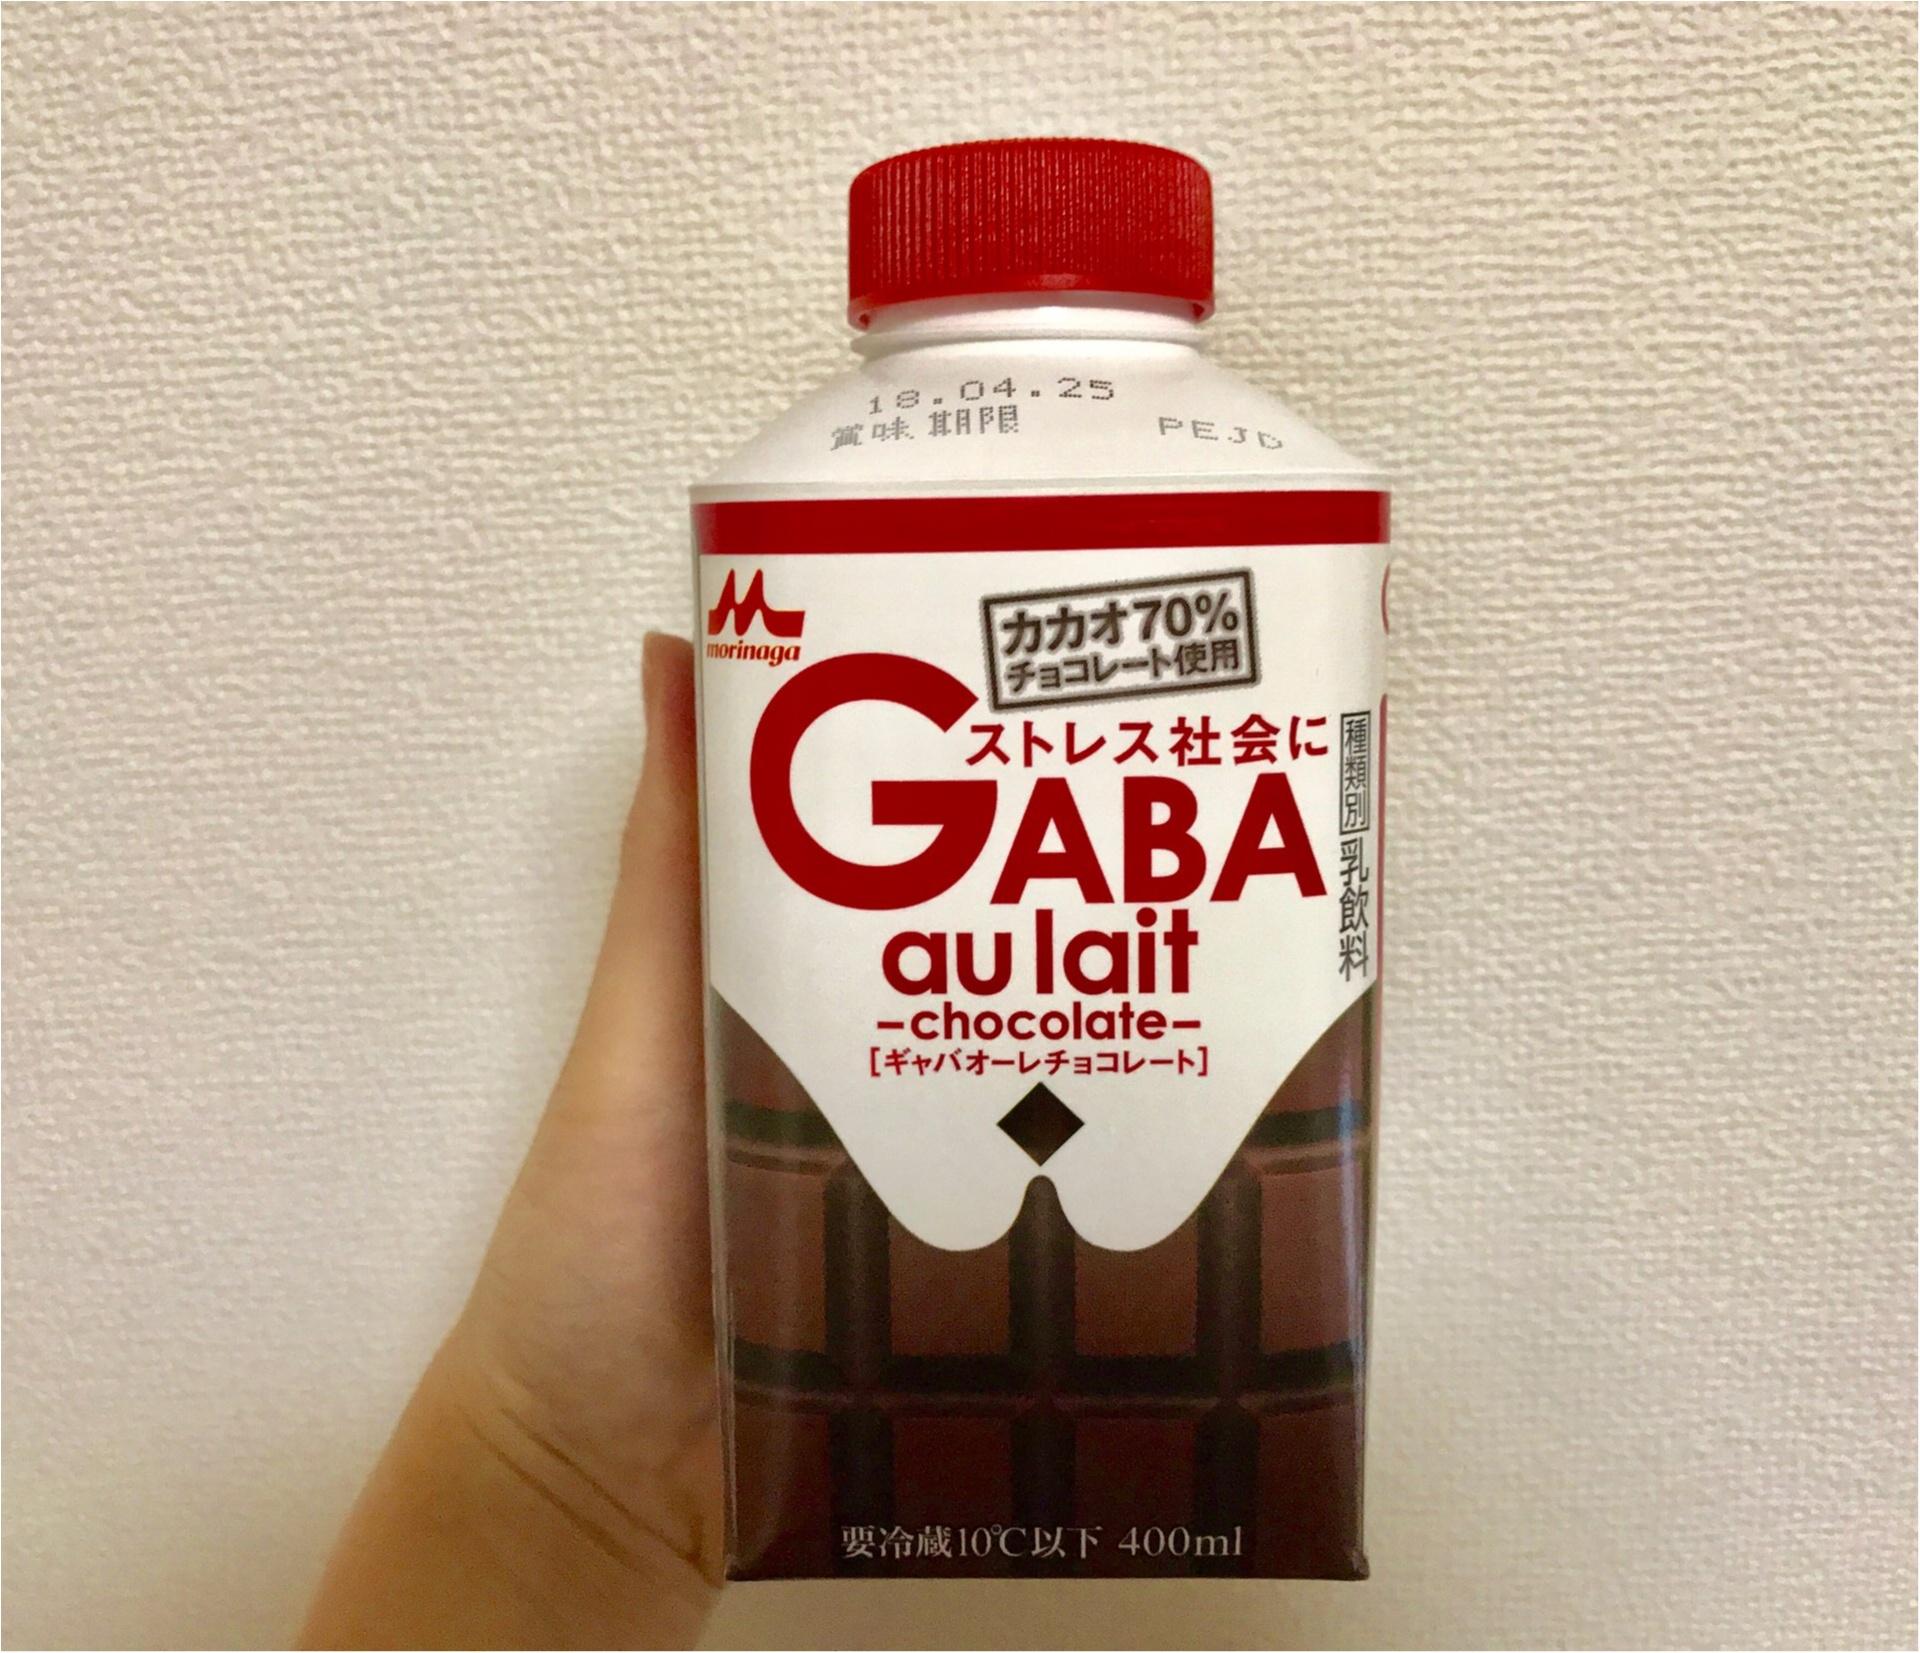 【GABA配合ドリンク】ストレス対策にぴったり!《GABA au lait》が新登場★カカオ分70%チョコレートでひと息つきましょう♪♪